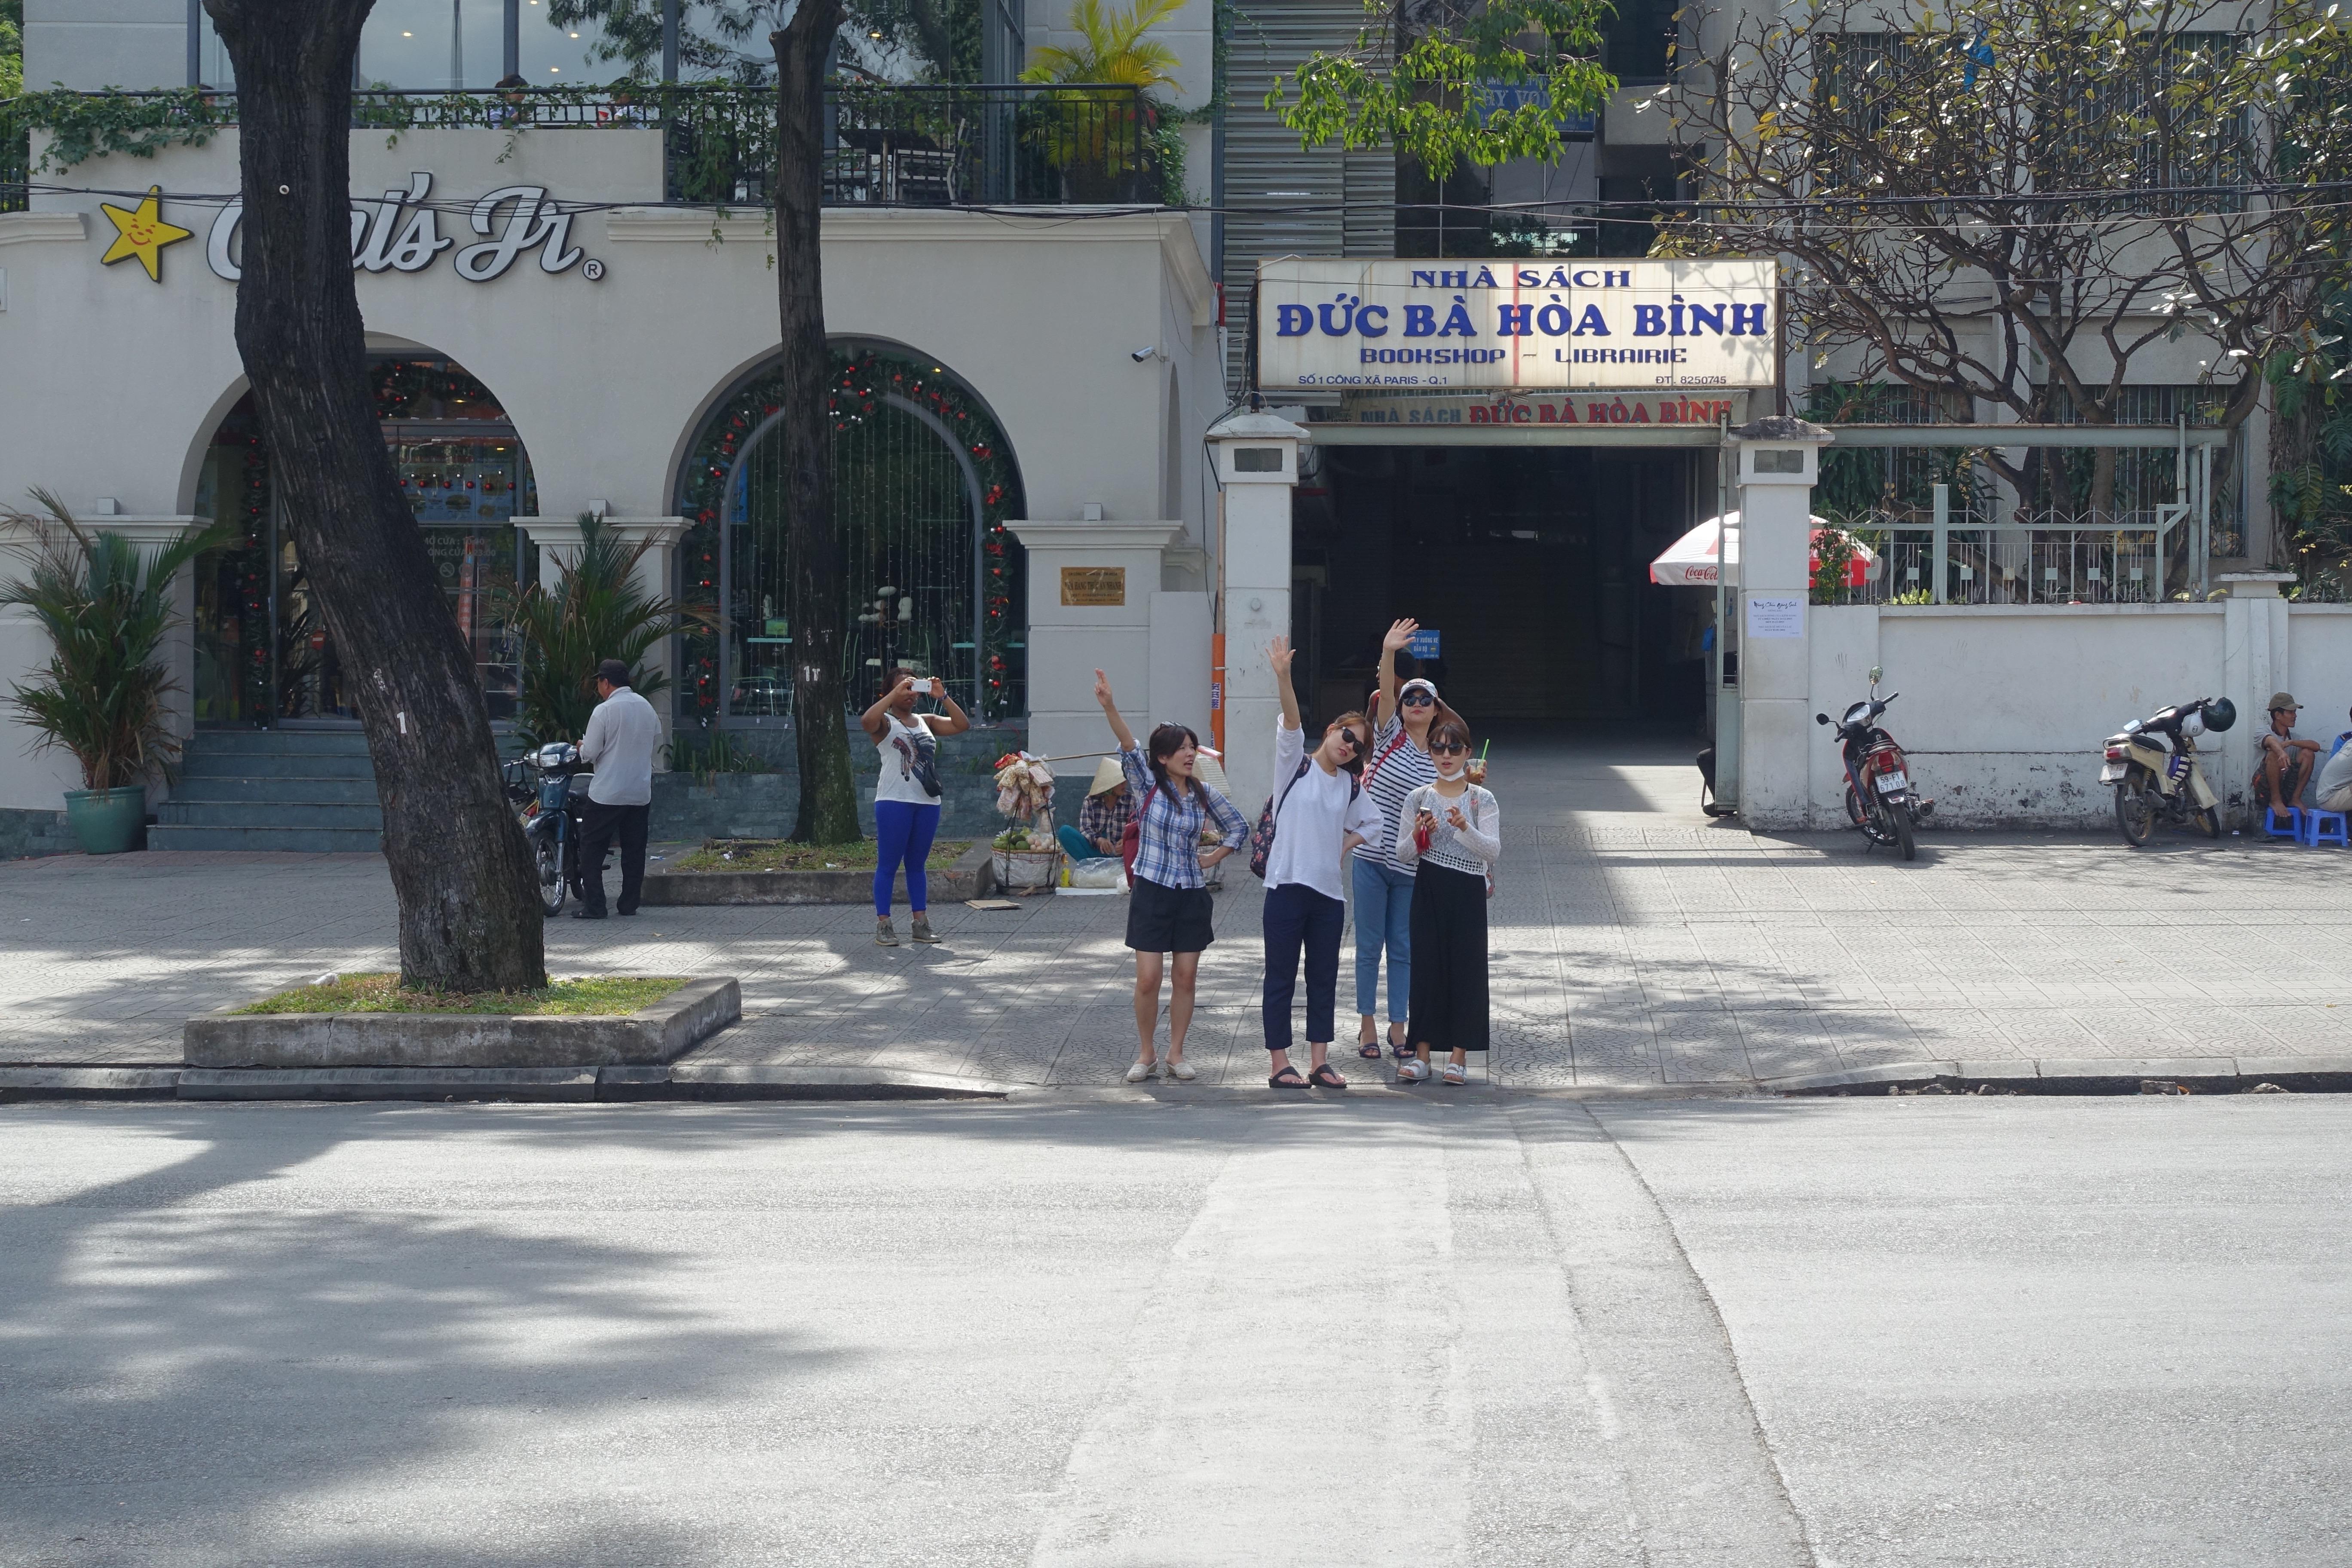 베트남 여행 계획 똑똑하게 하기1 # 항공 티켓팅,베트남 비자 편